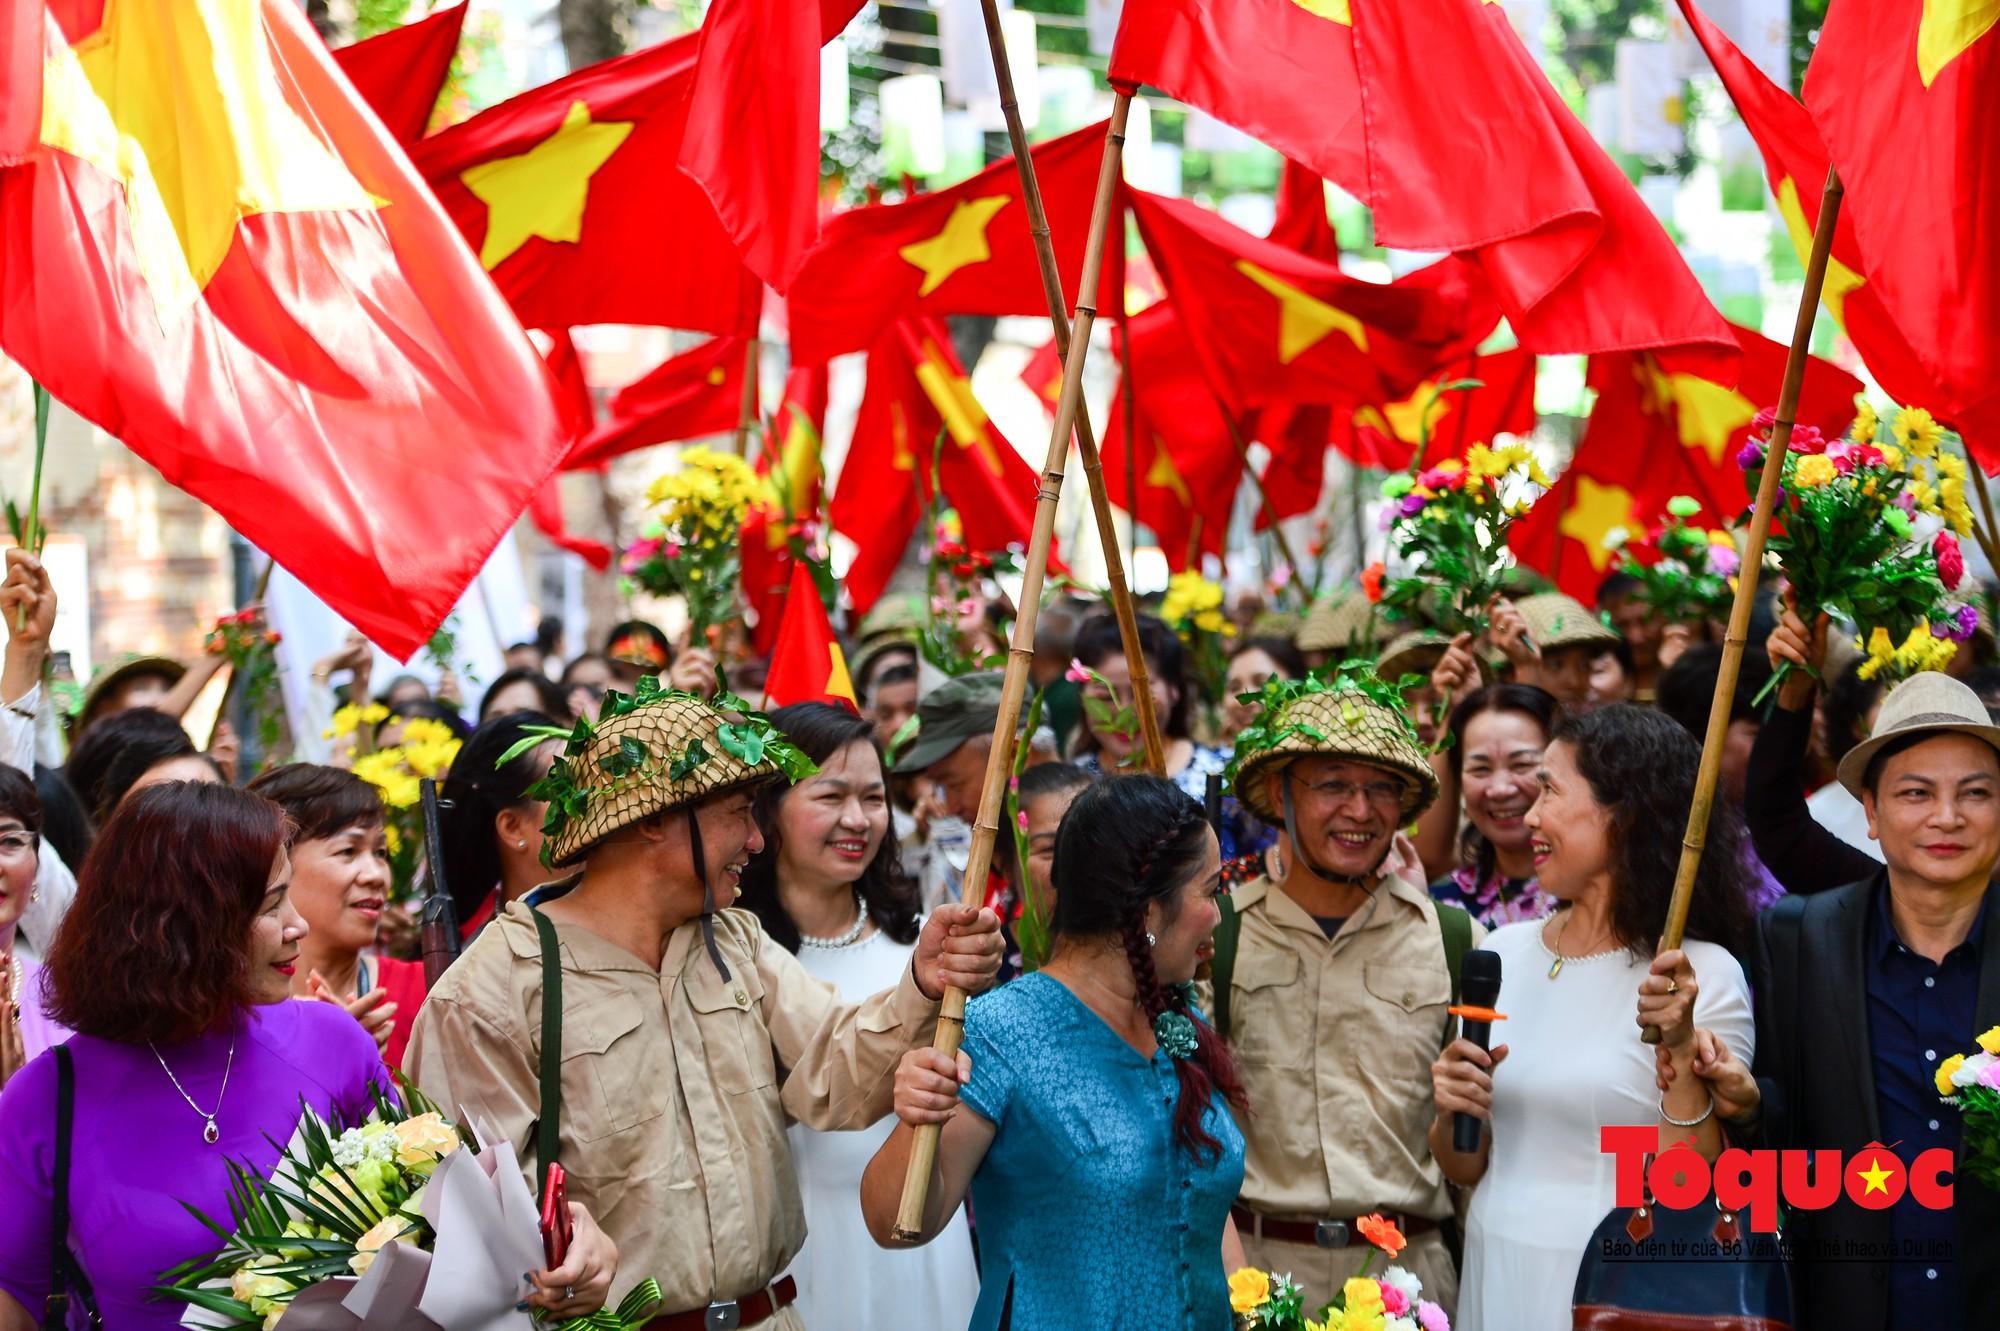 Tái hiện ký ức hào hùng đoàn quân chiến thắng trở về tiếp quản thủ đô Hà Nội 65 năm trước 14